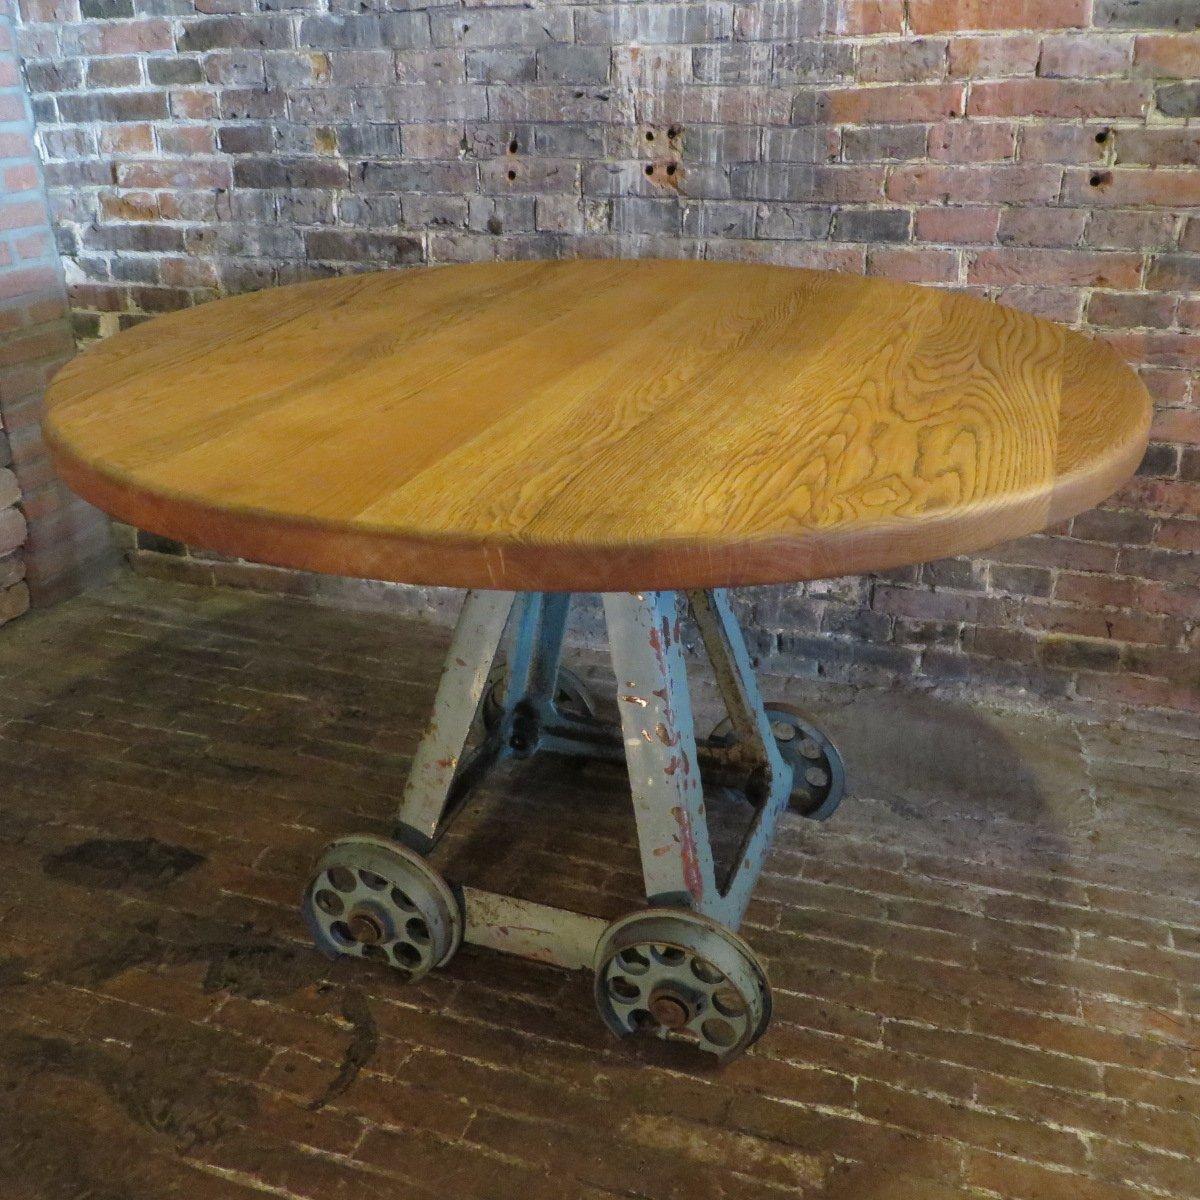 Mesa de comedor industrial vintage redonda en venta en Pamono